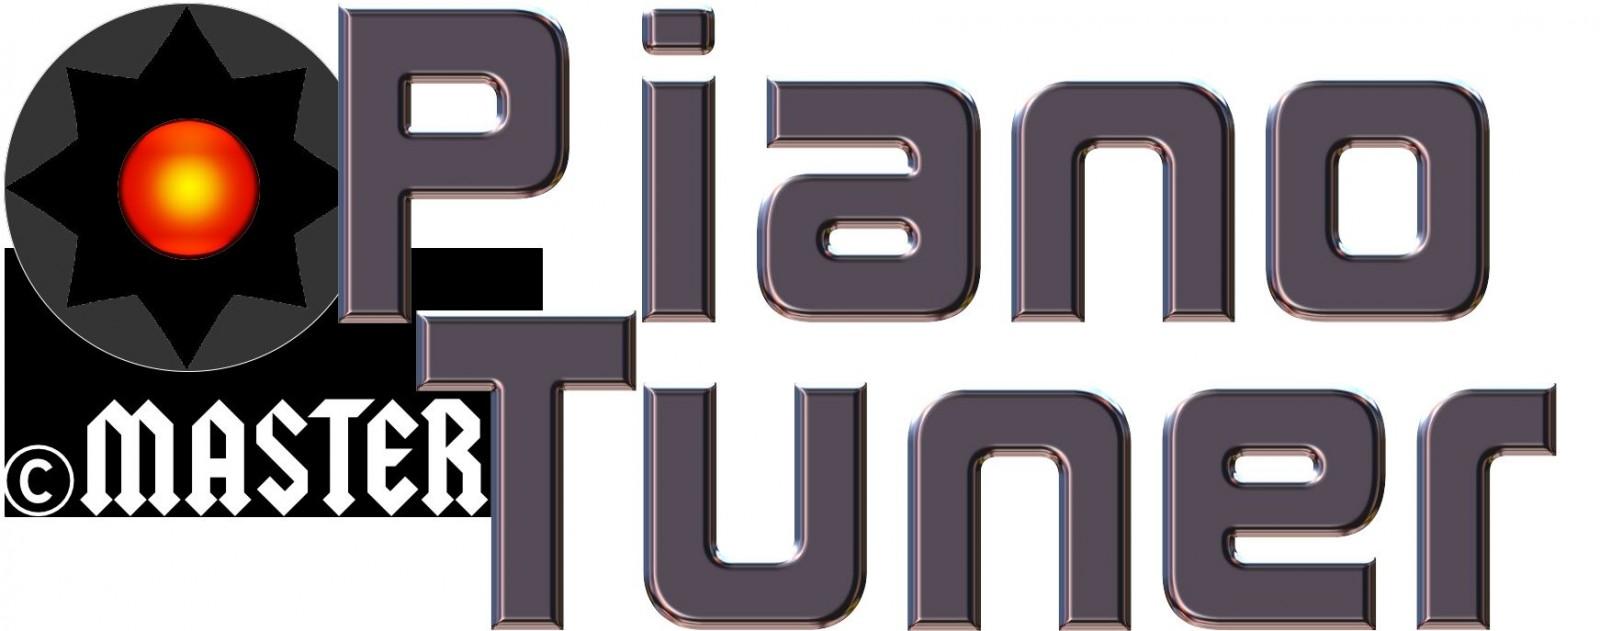 piano-tuning-master-72.jpg